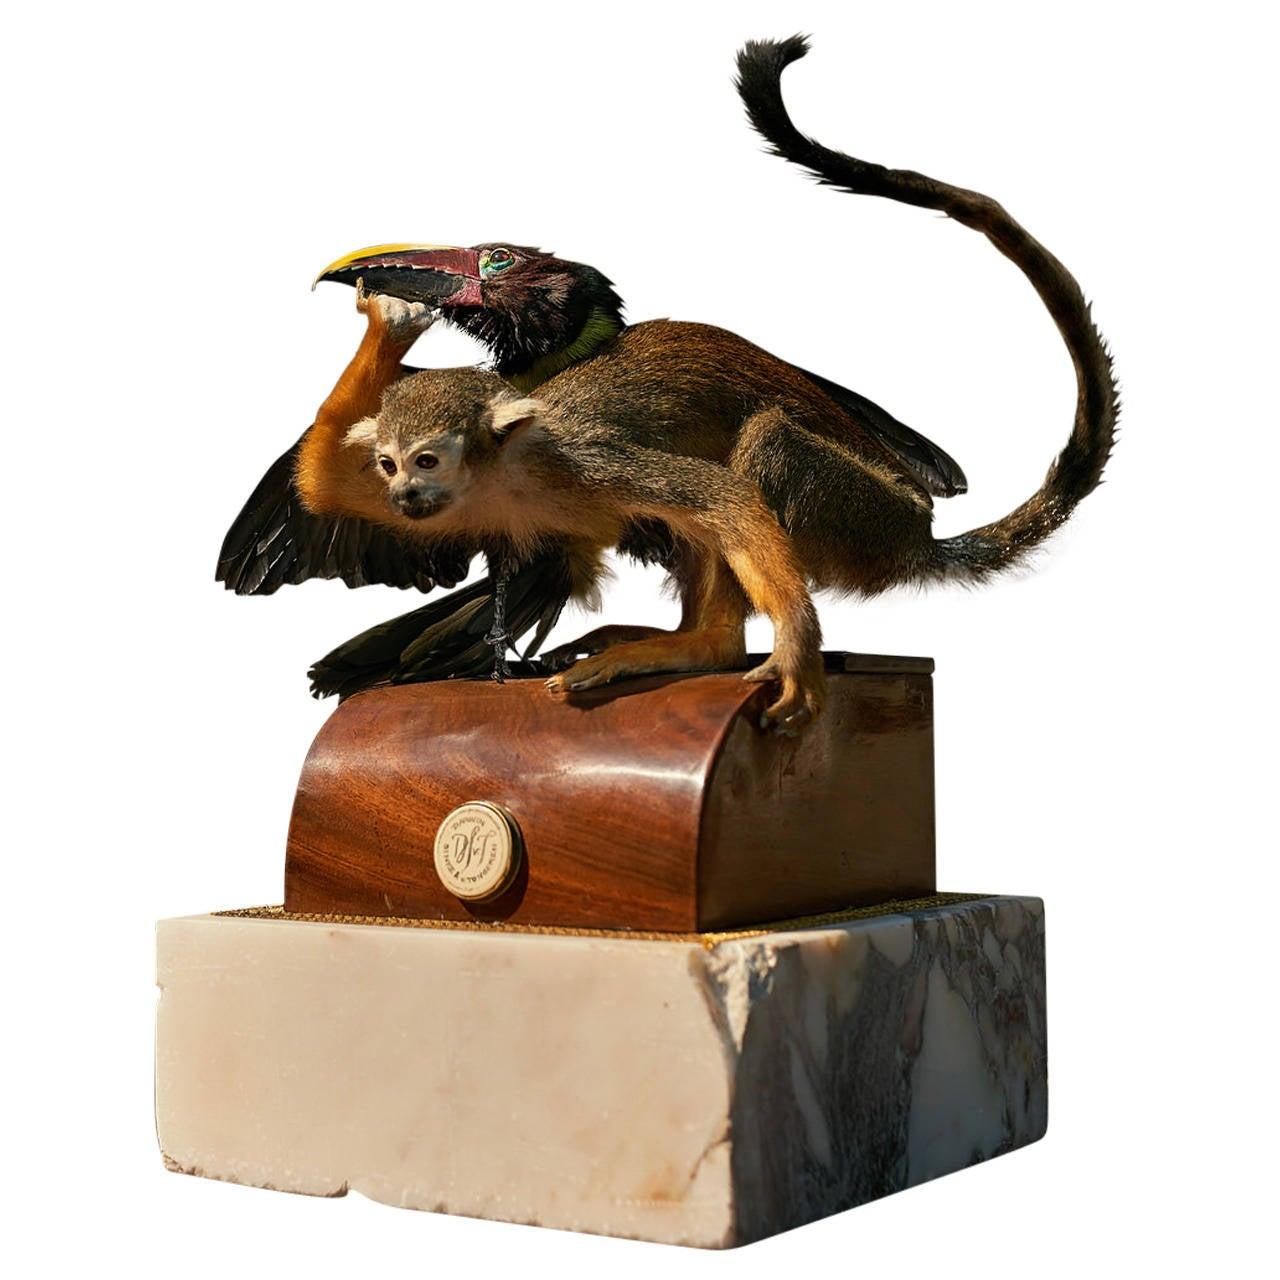 Fine Taxidermy Squirrel Monkey and Green Aracari by Sinke & Van Tongeren